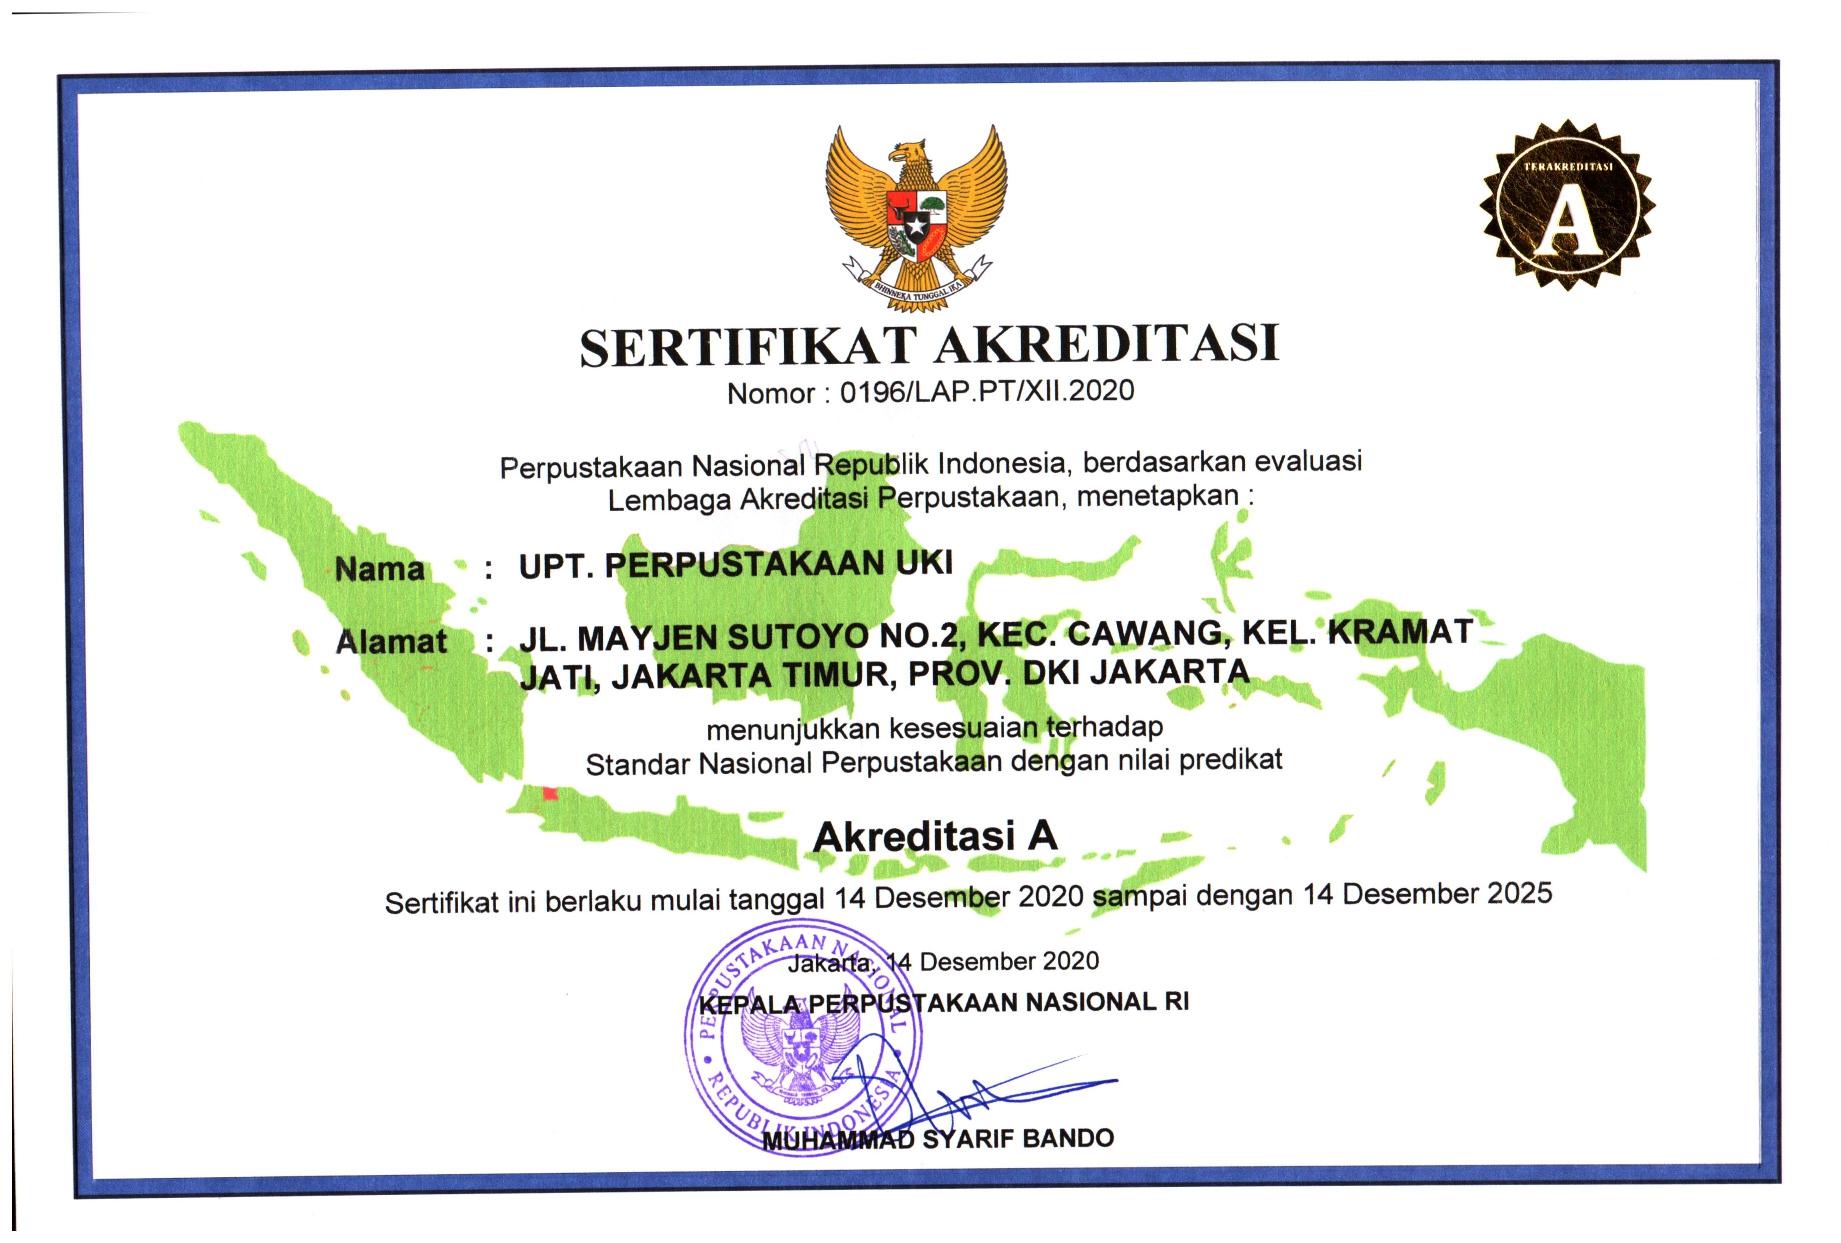 Akreditasi UPT. Perpustakaan UKI